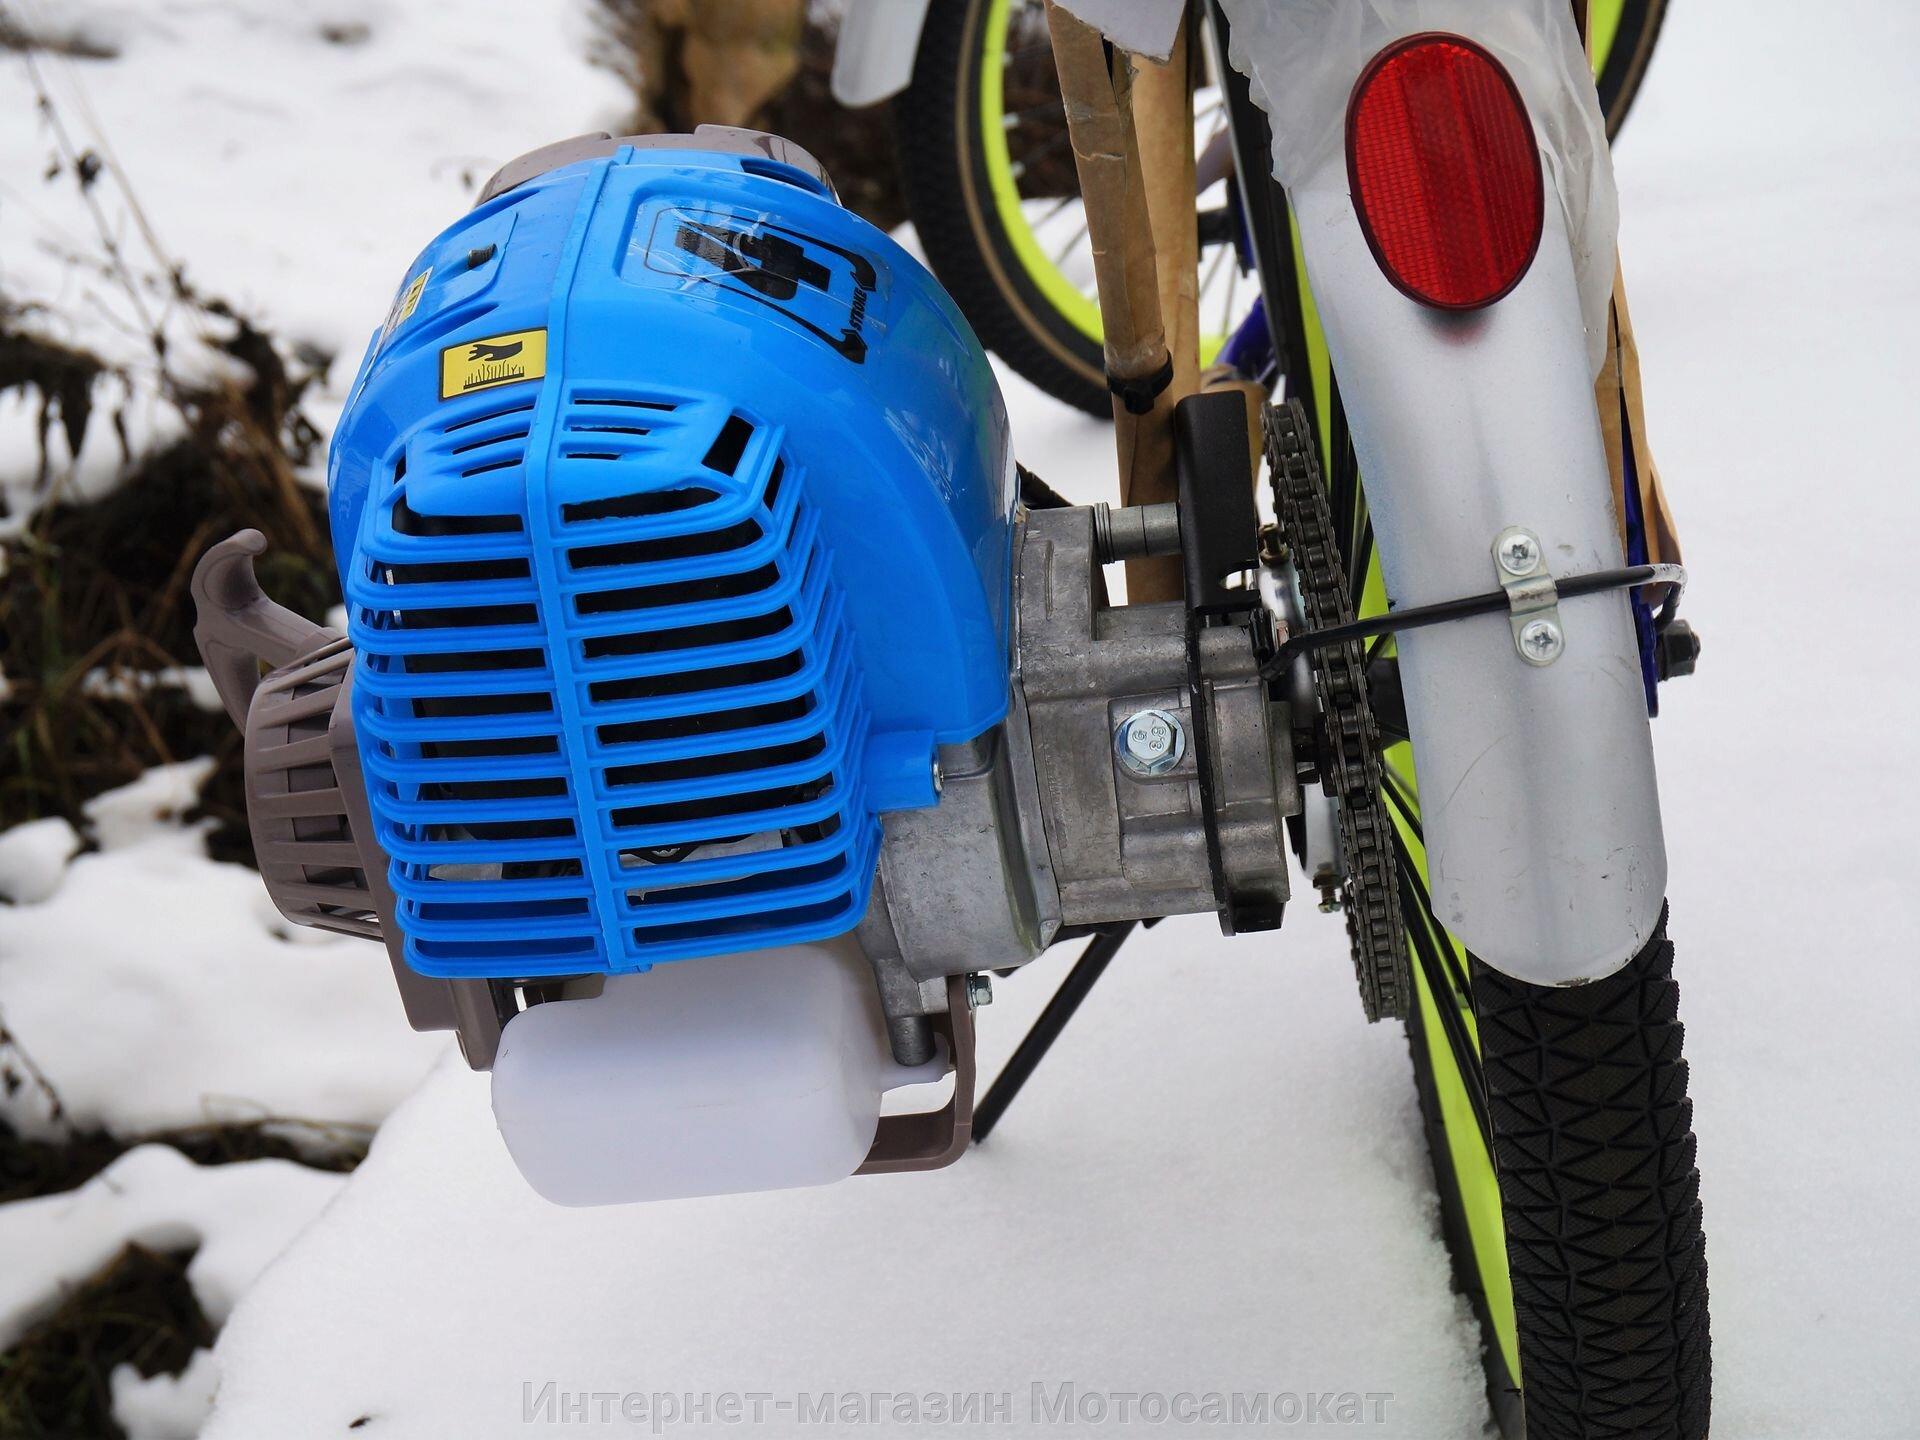 Велосипед с бензиновым четырехтактным мотором Мотакс Лампа, складной 20 дюймов. - фото Редуктор 5:1 в составе веломотора Мотакс Лампа 4Т